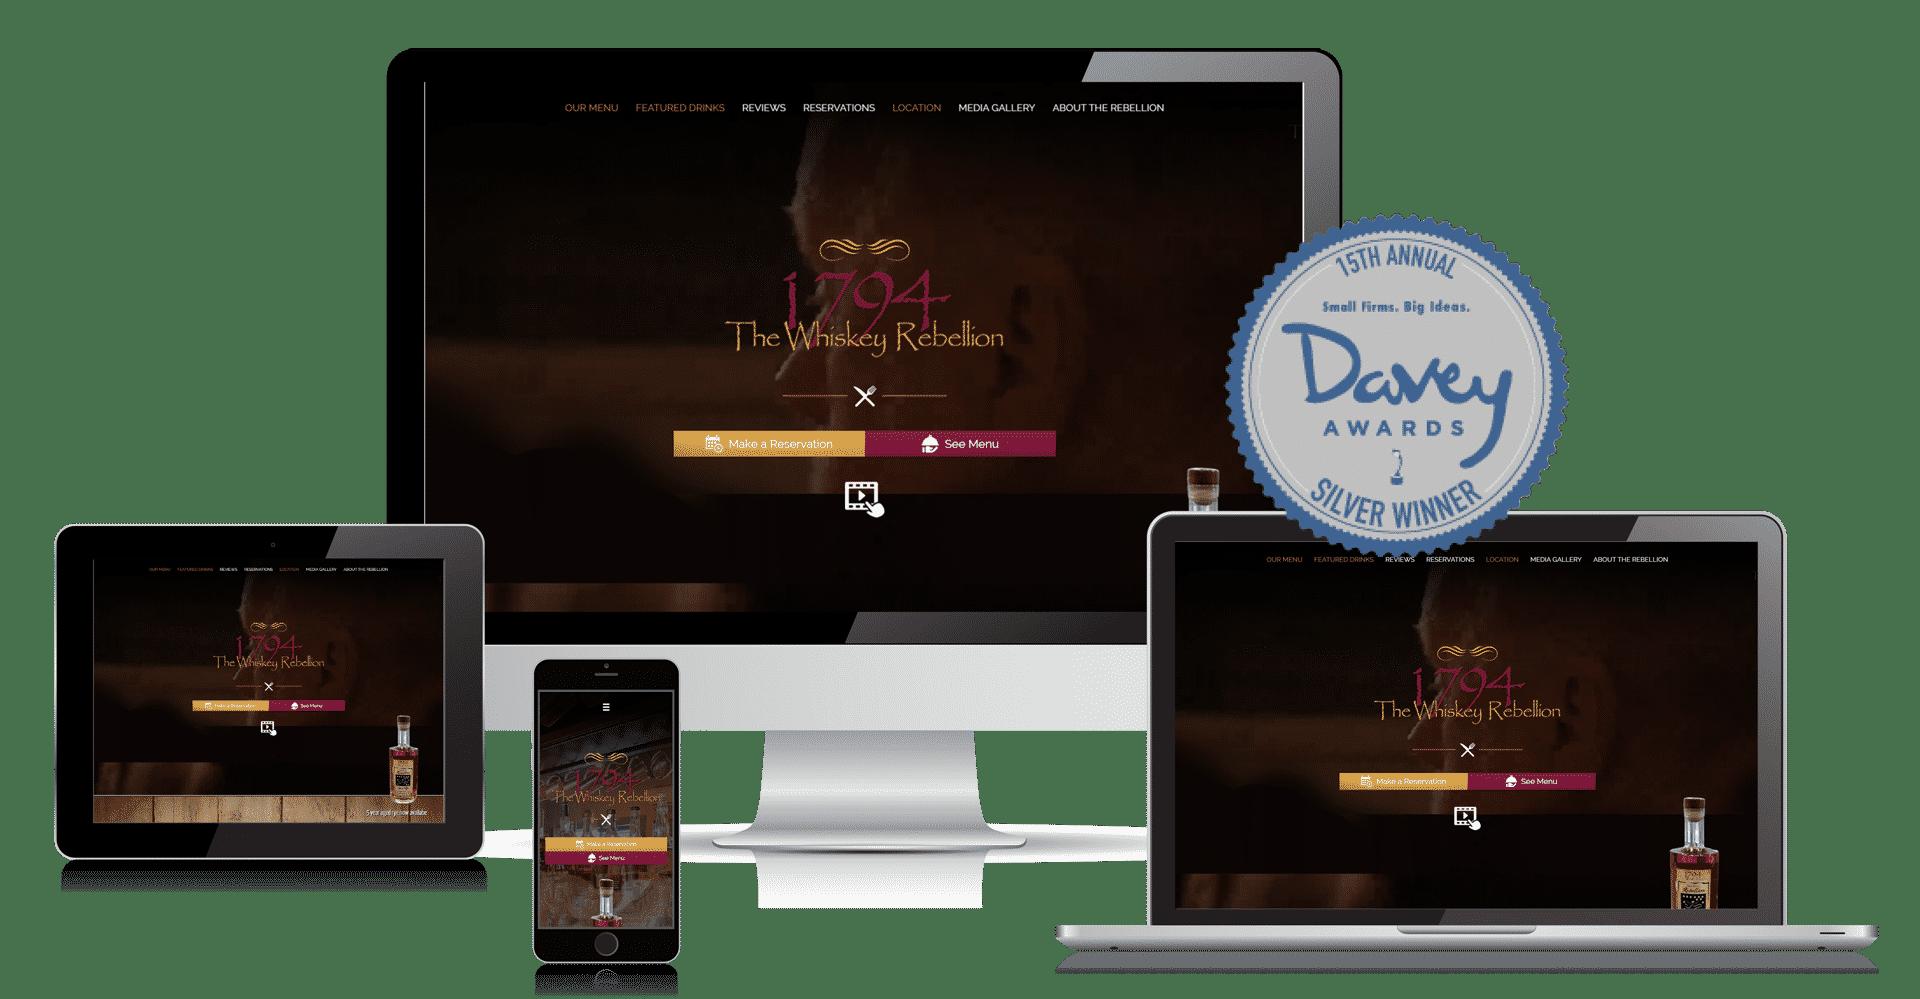 1794 The Whiskey Rebellion website